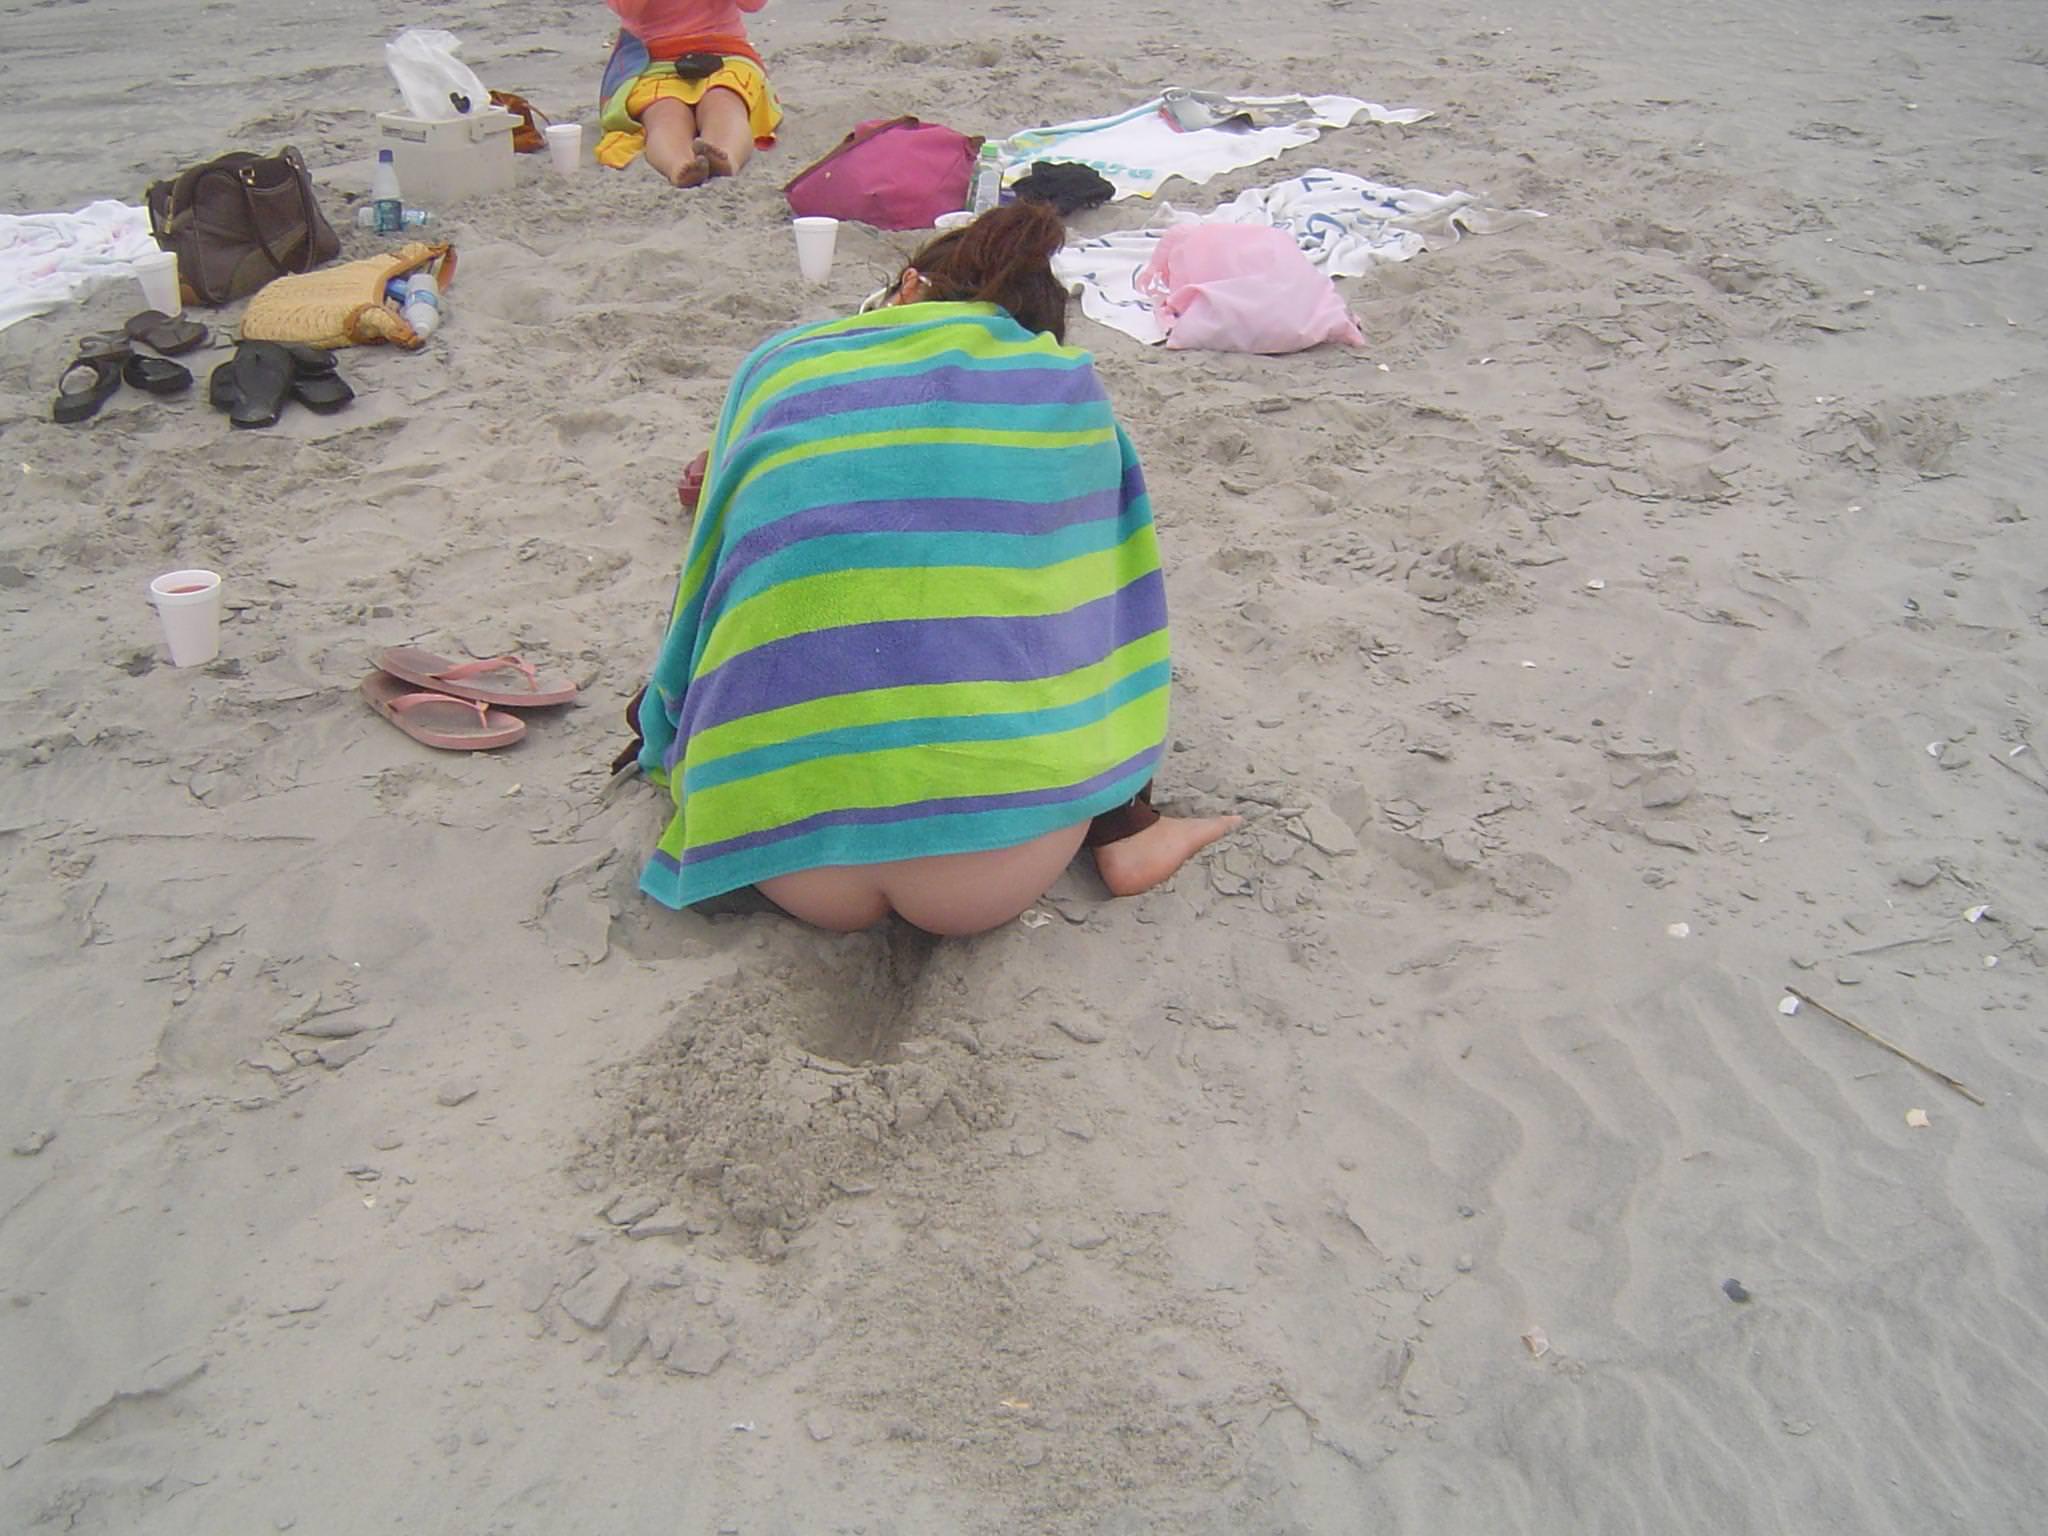 ビキニギャルが海やプールで生尻出しておふざけしてる素人エロ画像 3219